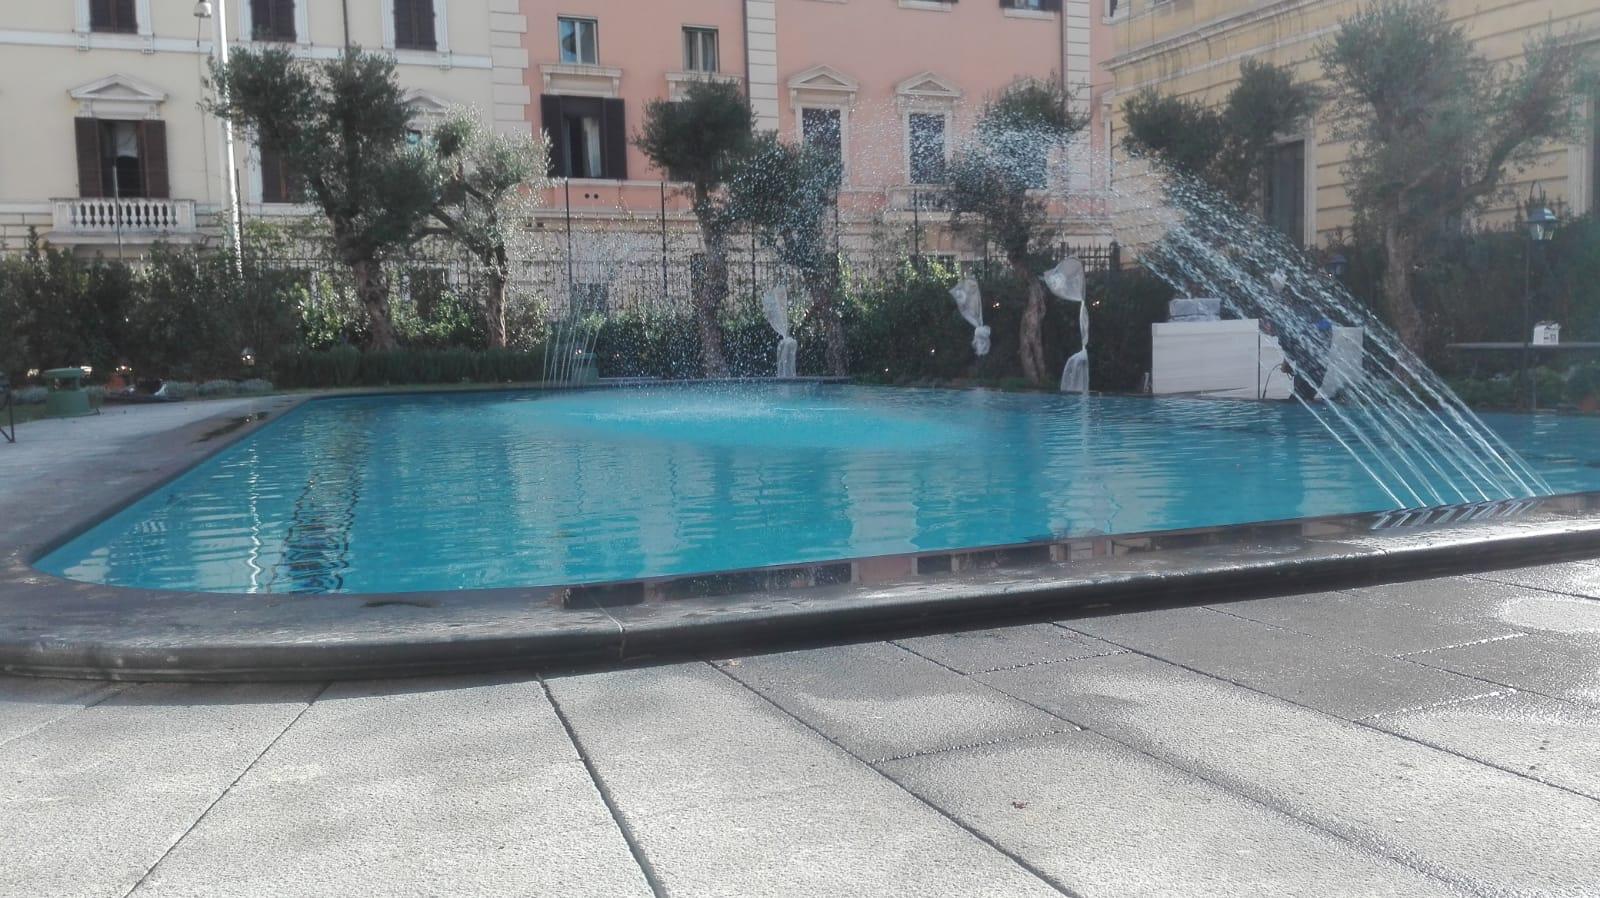 Costruzione di piscine   Manutenzione   Roma   Edil Piscine